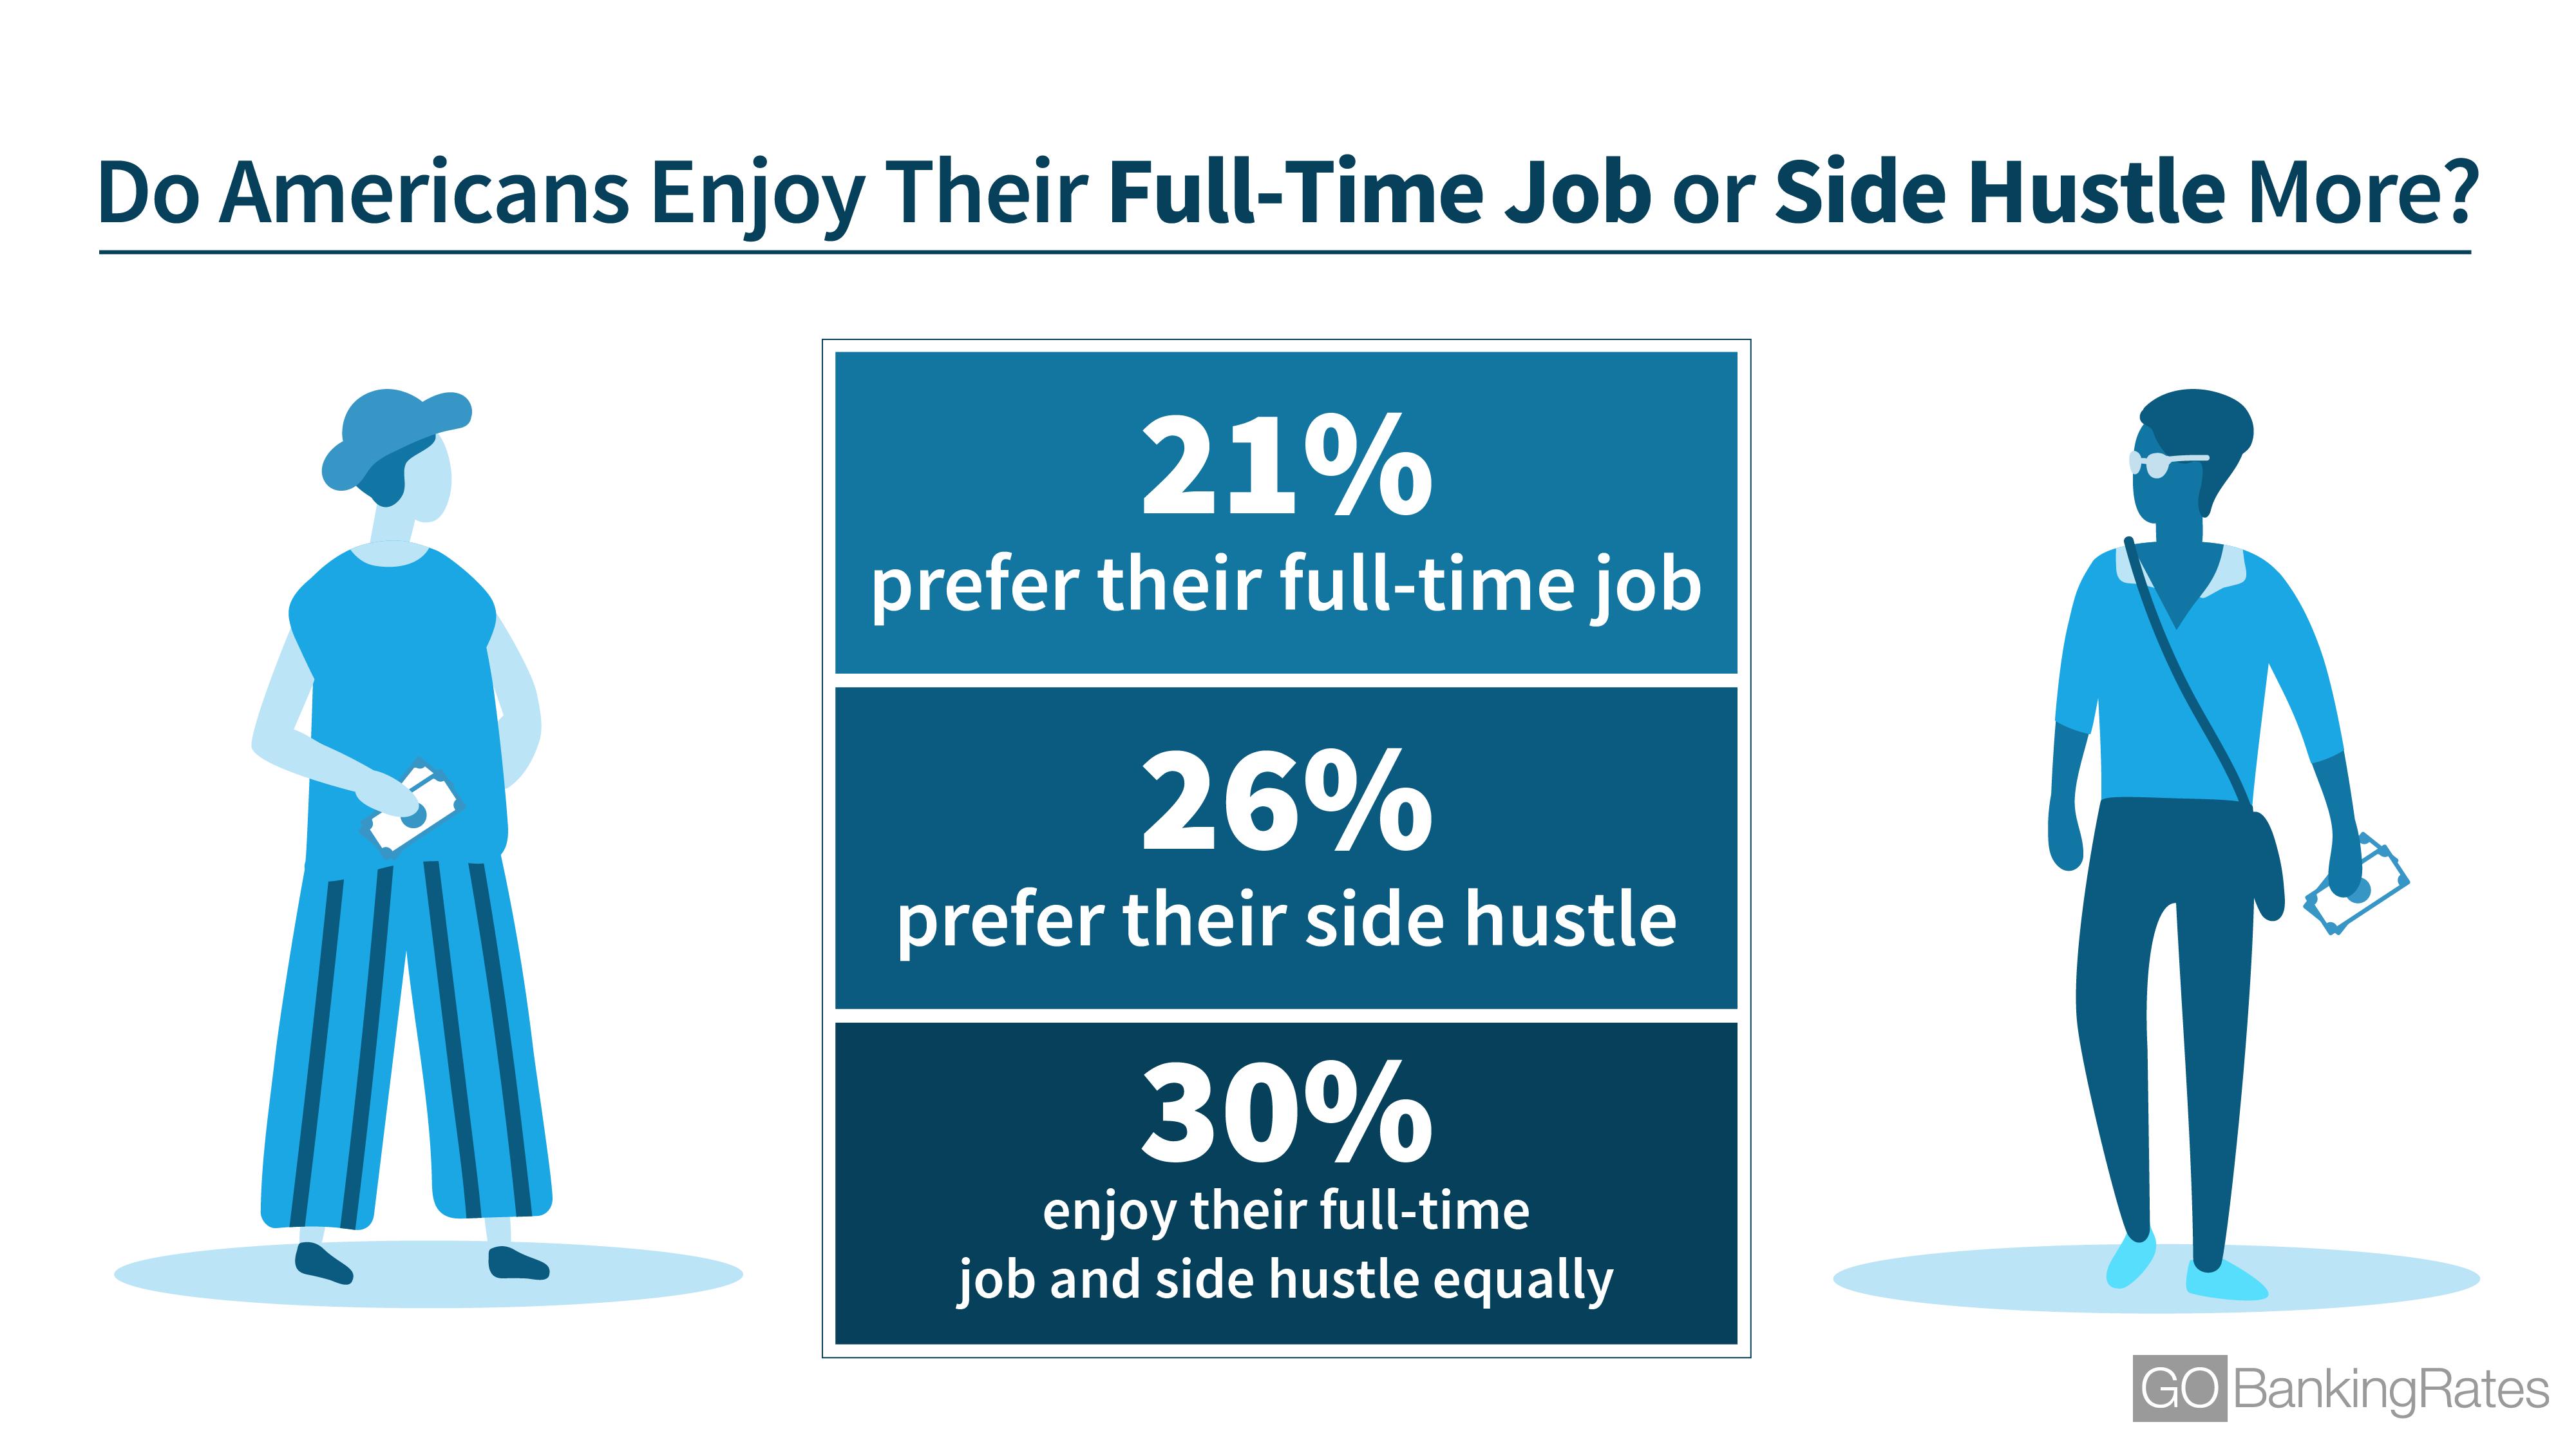 GOBankingRates Side Hustle Survey